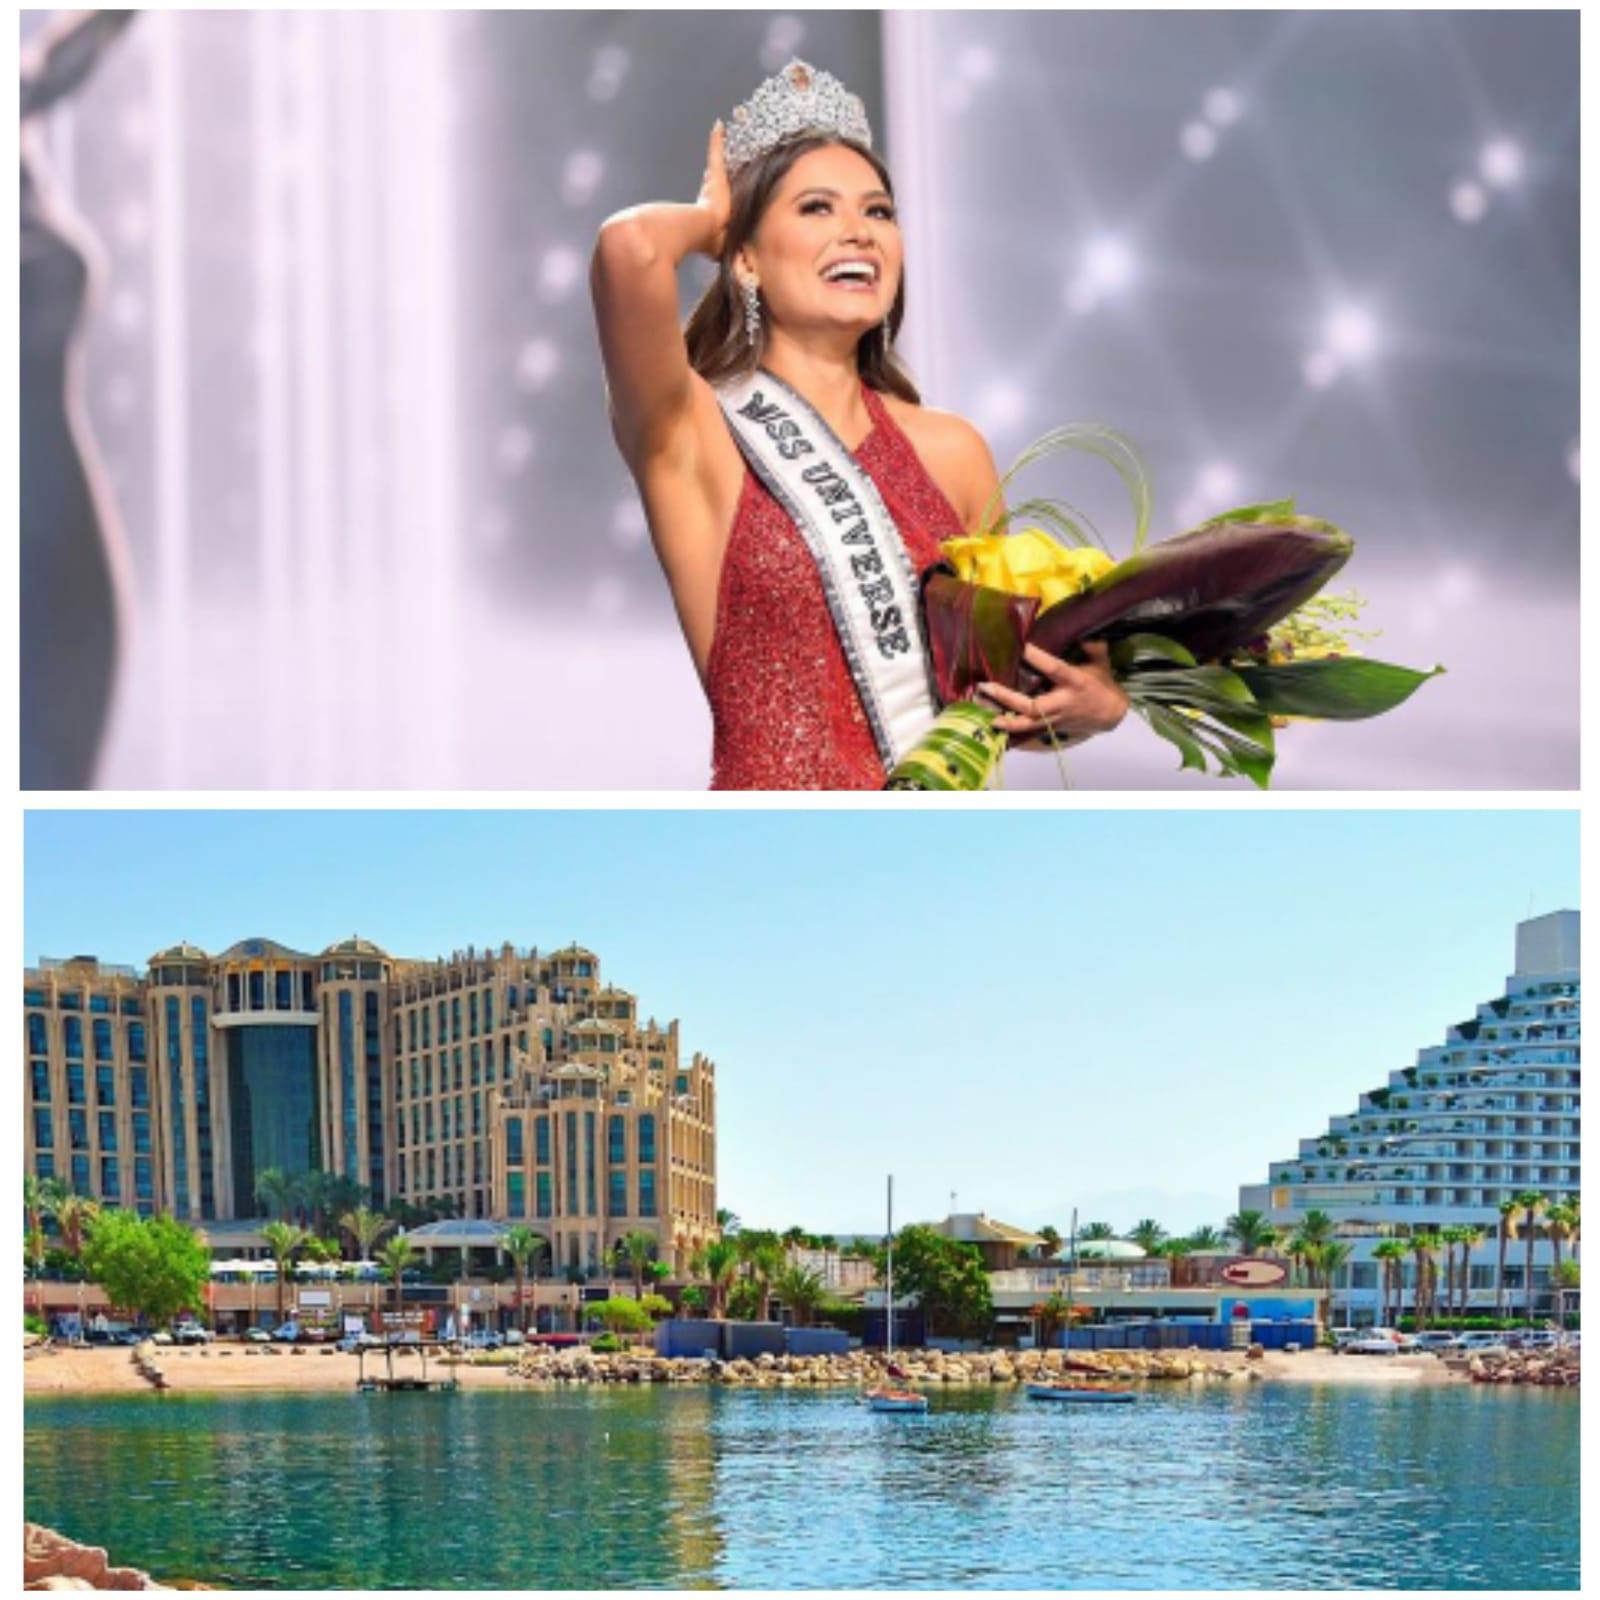 Sorpresivo, Israel la nueva sede de Miss Universo 2021